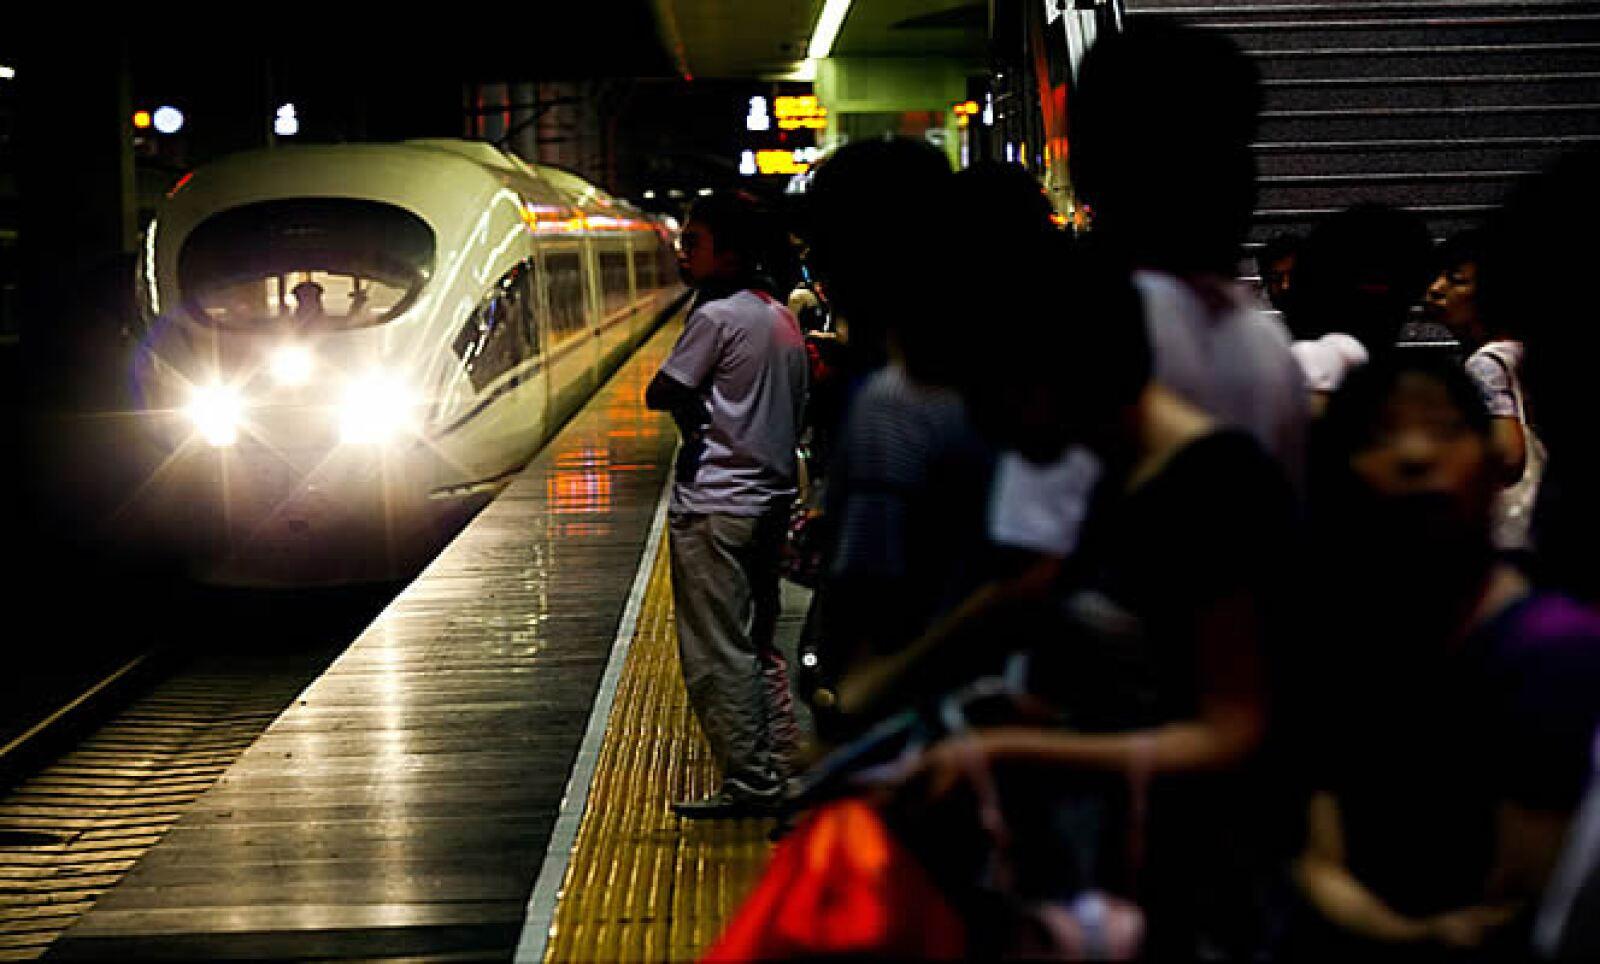 Sólo en el 2008, el sistema de trenes de alta velocidad de China realizó 1,400 millones de viajes.